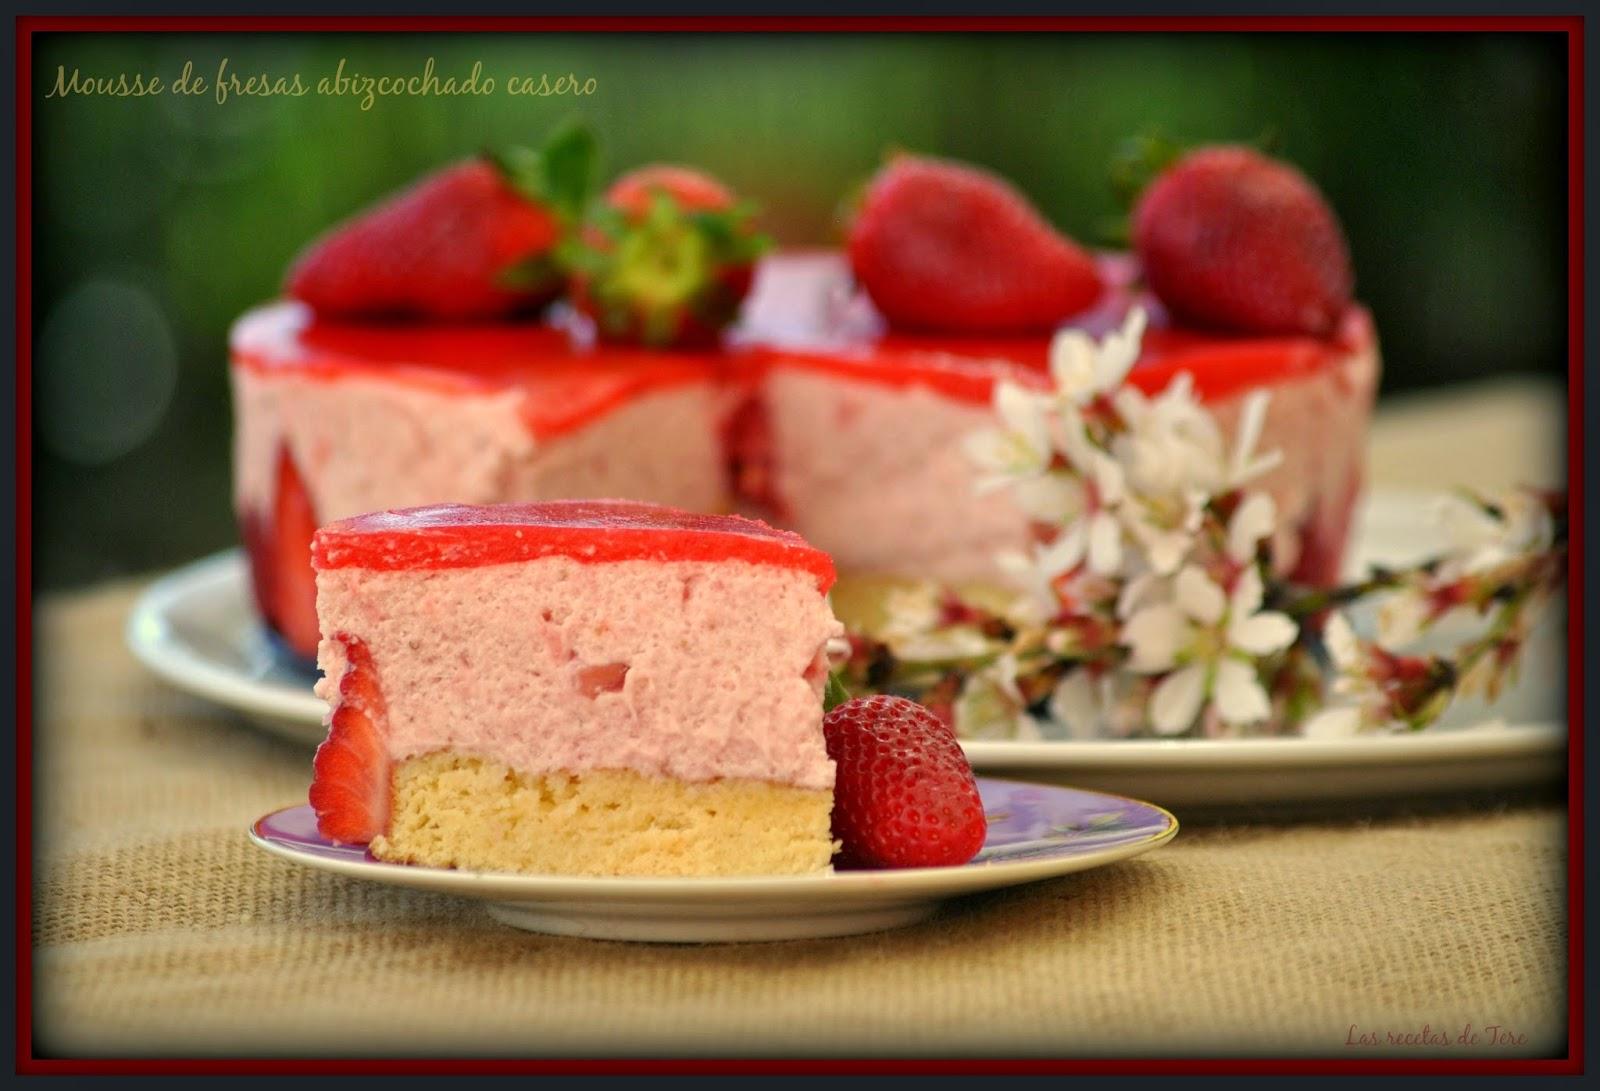 Mousse de fresas abizcochado receta de la abuela blog - Mousse de fresa ...